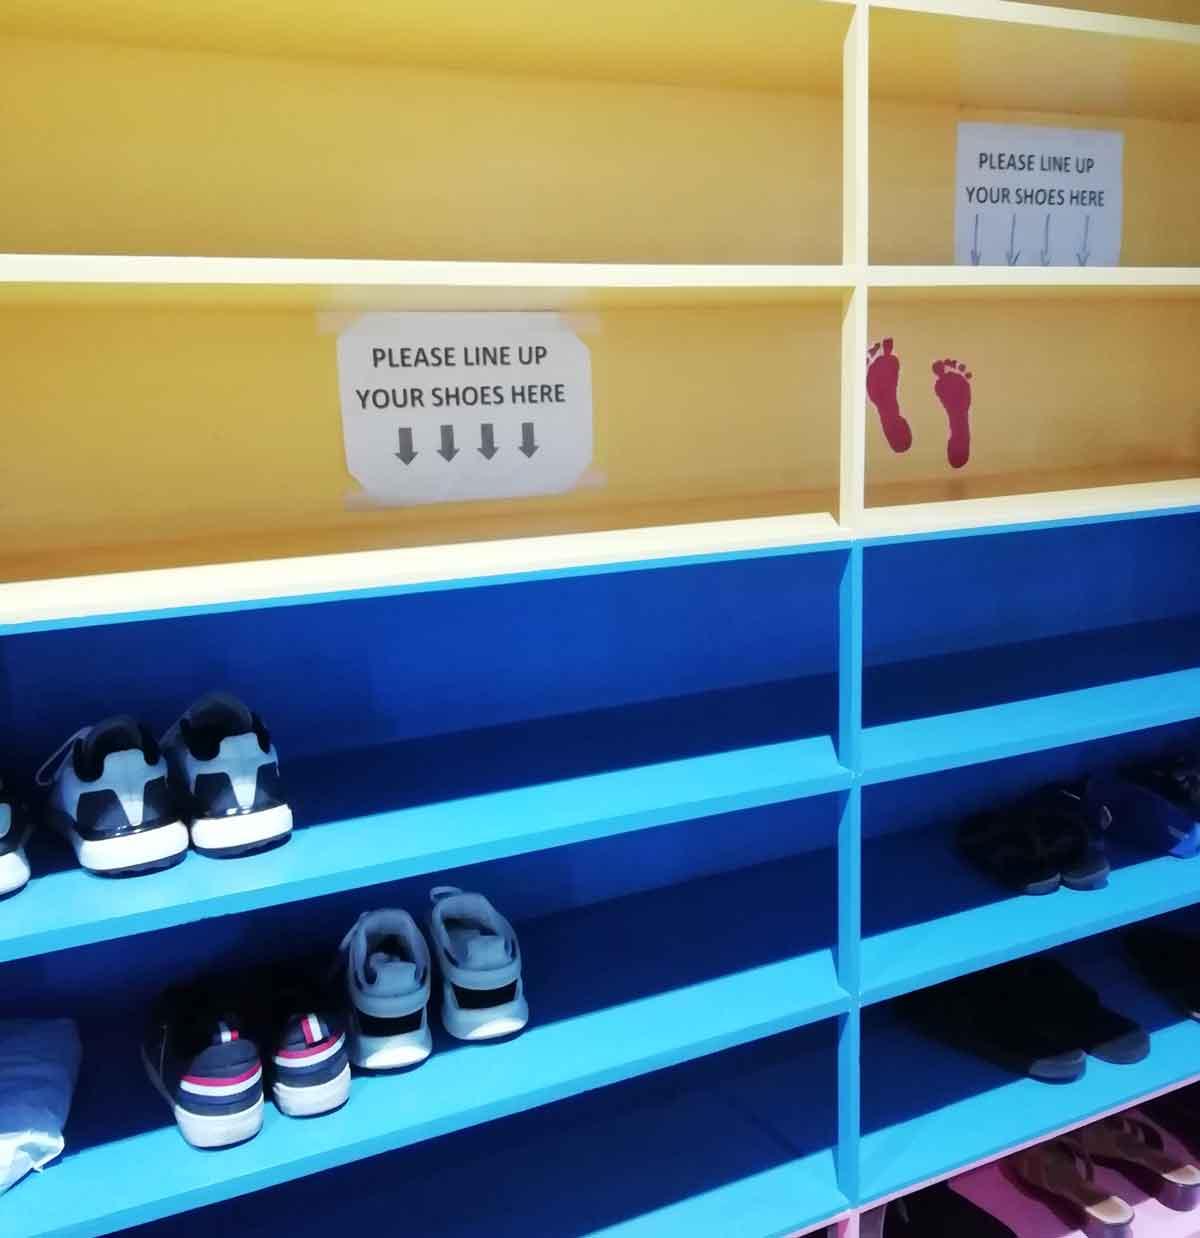 靴箱に靴を入れる